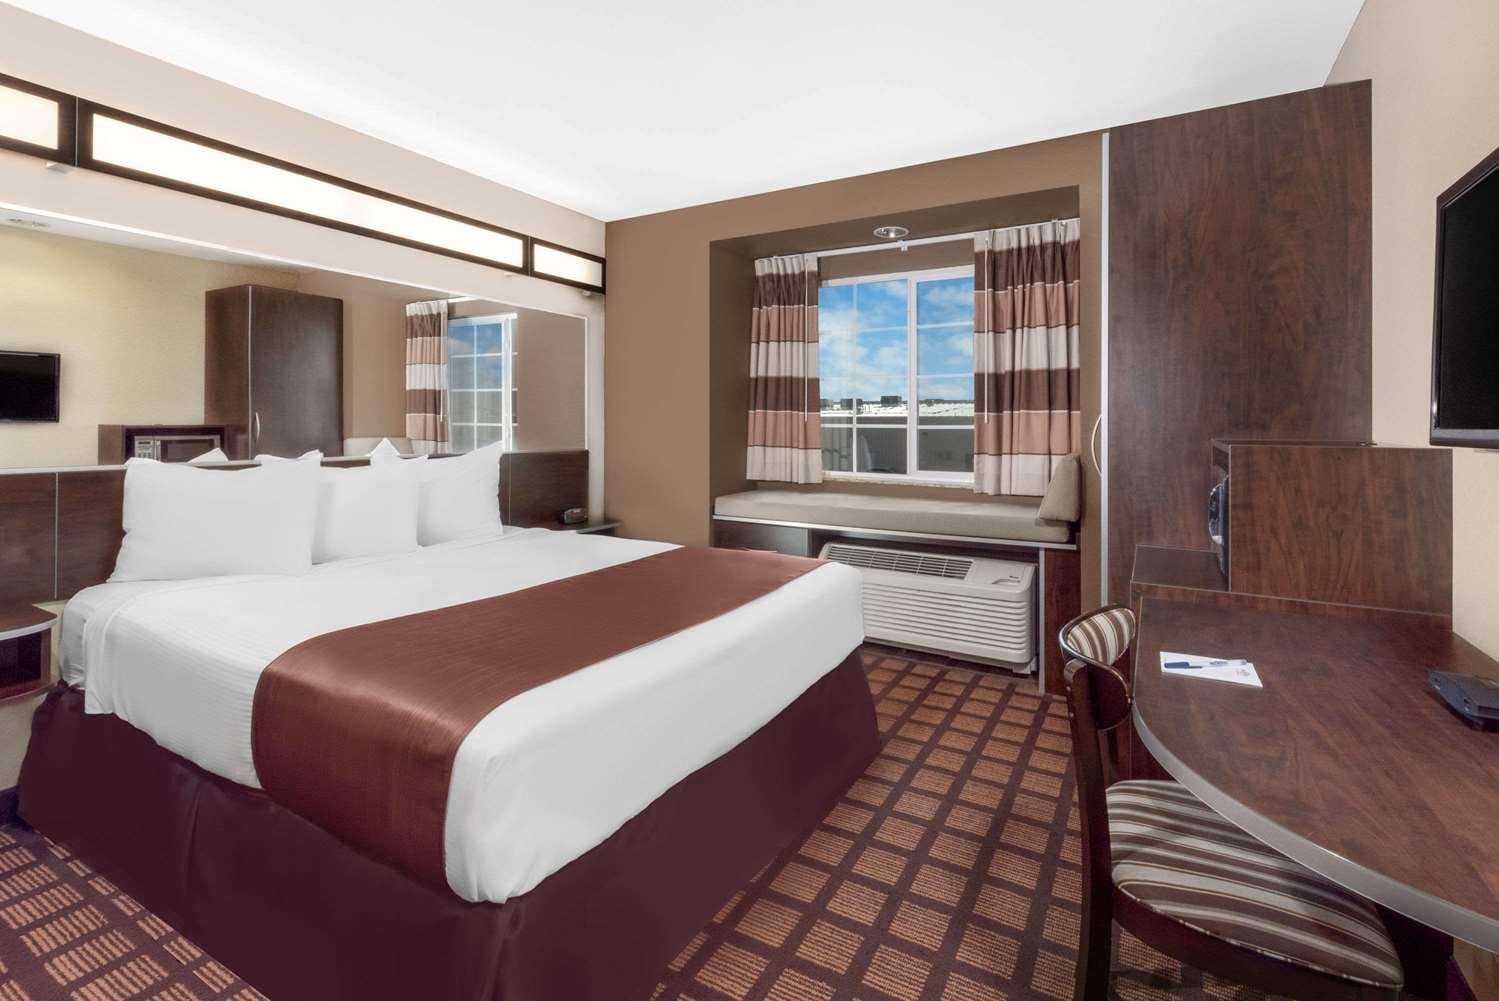 Room - Microtel Inn & Suites by Wyndham Midland